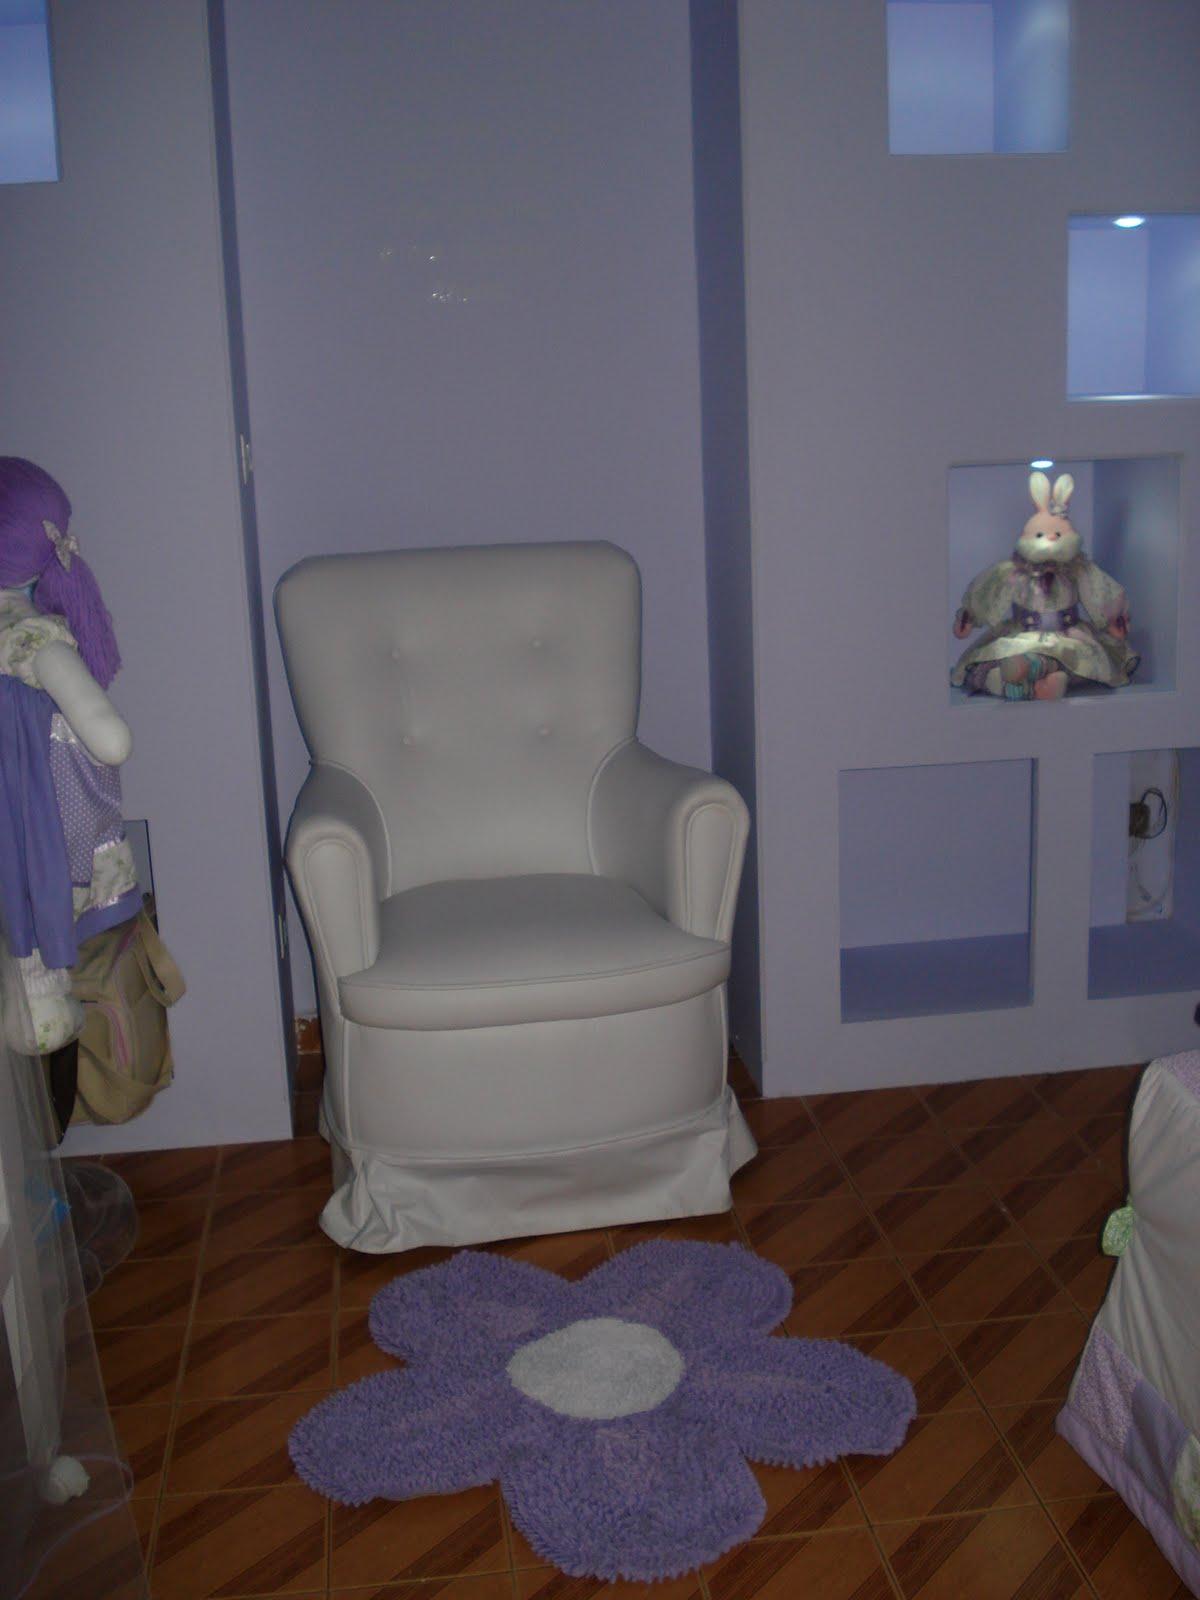 http://3.bp.blogspot.com/_AJiZS0ZJxlQ/TSb-hohwm2I/AAAAAAAAAwA/mVRmgRP5LIE/s1600/DSC06961.JPG